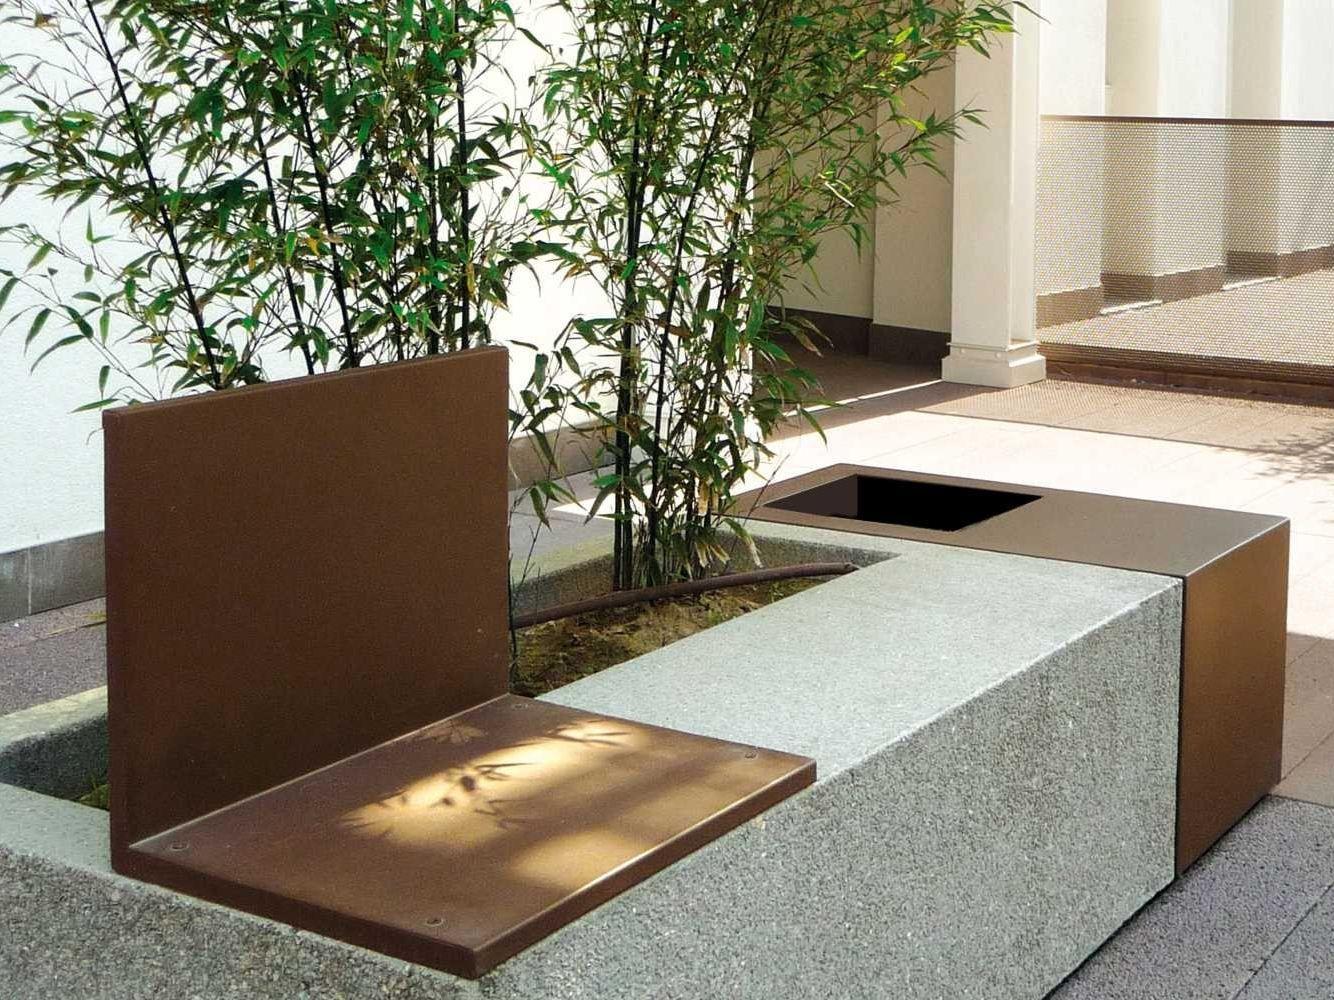 Banc modulable avec jardinière intégrée MAMUÀ by Metalco design ...